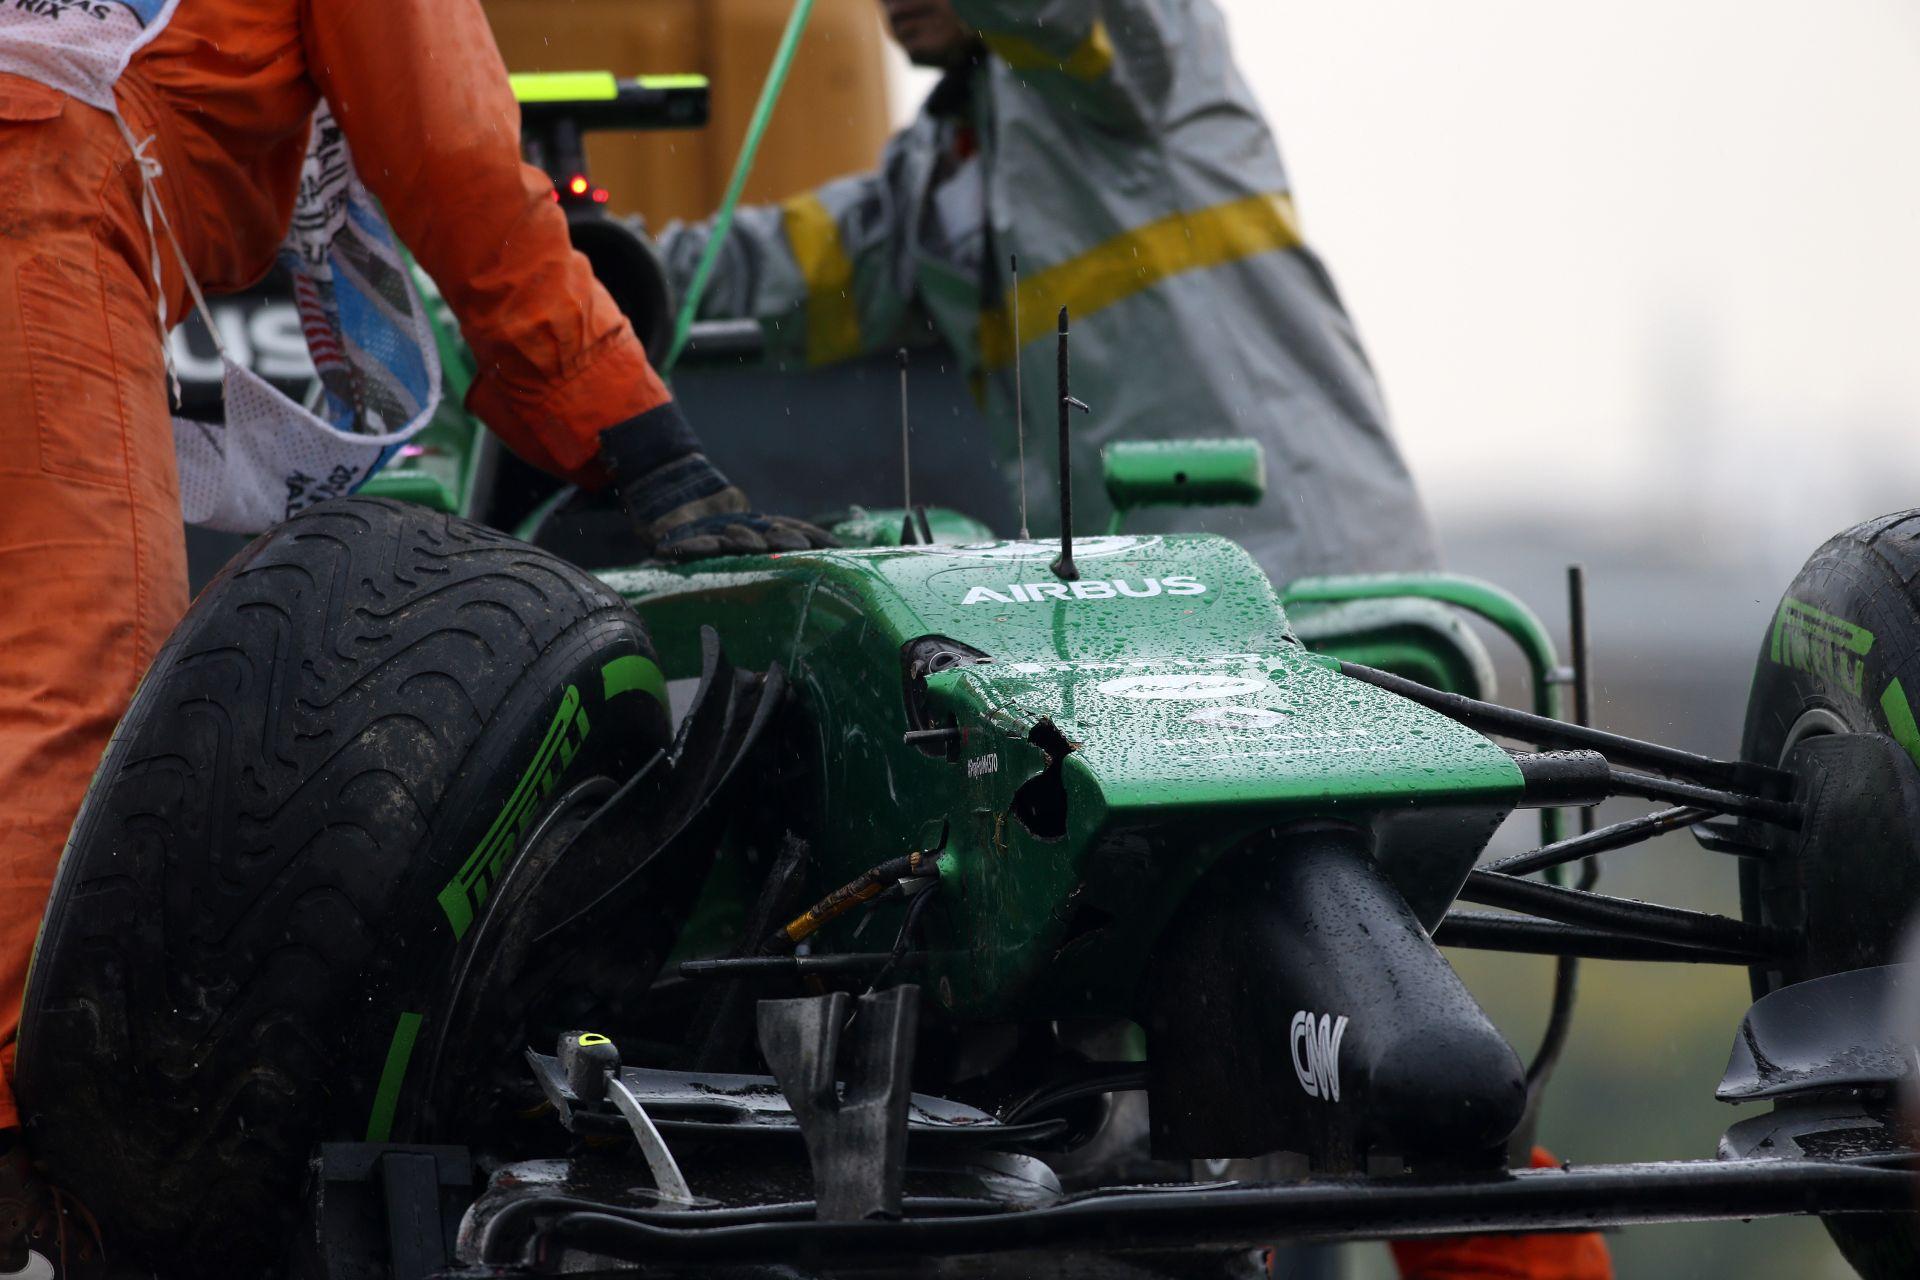 Maláj Nagydíj 2014: Hamilton behozta, Vettel majdnem megcsinálta, a Williams elsüllyedt